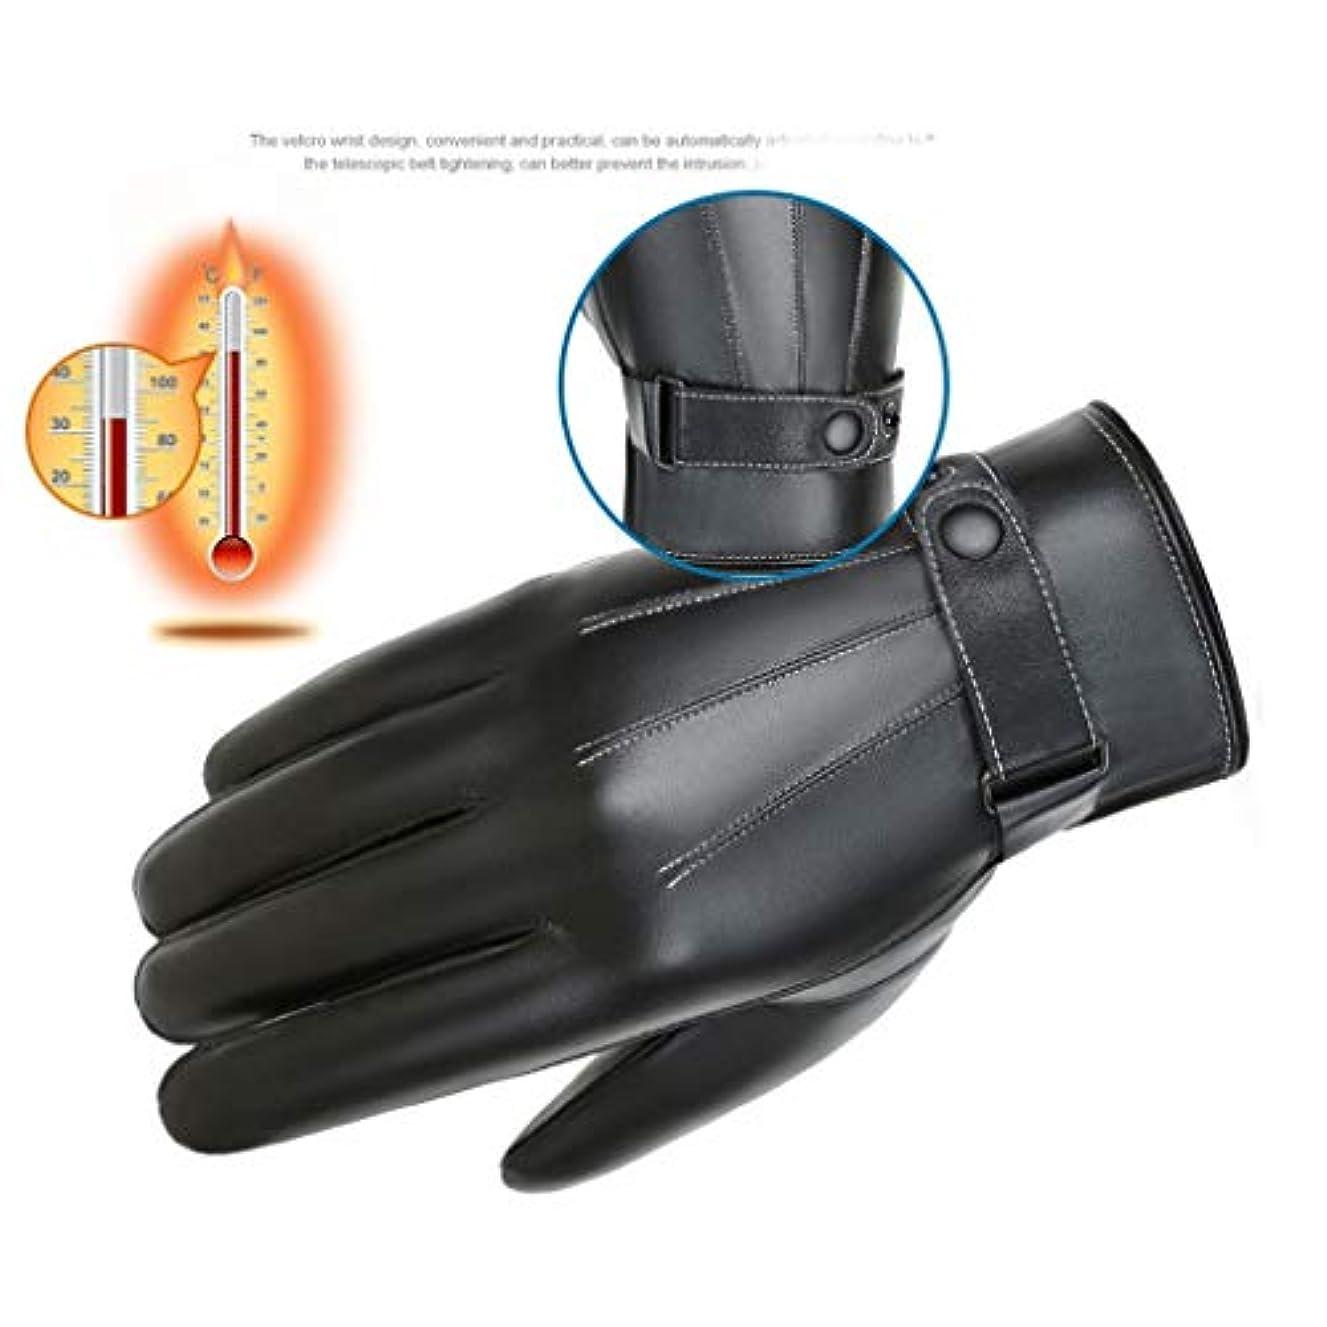 安価な持つ創始者タッチスクリーンのメンズグローブ冬プラスベルベット厚い暖かい防風防水ライドバイクバイクの乗り物の手袋